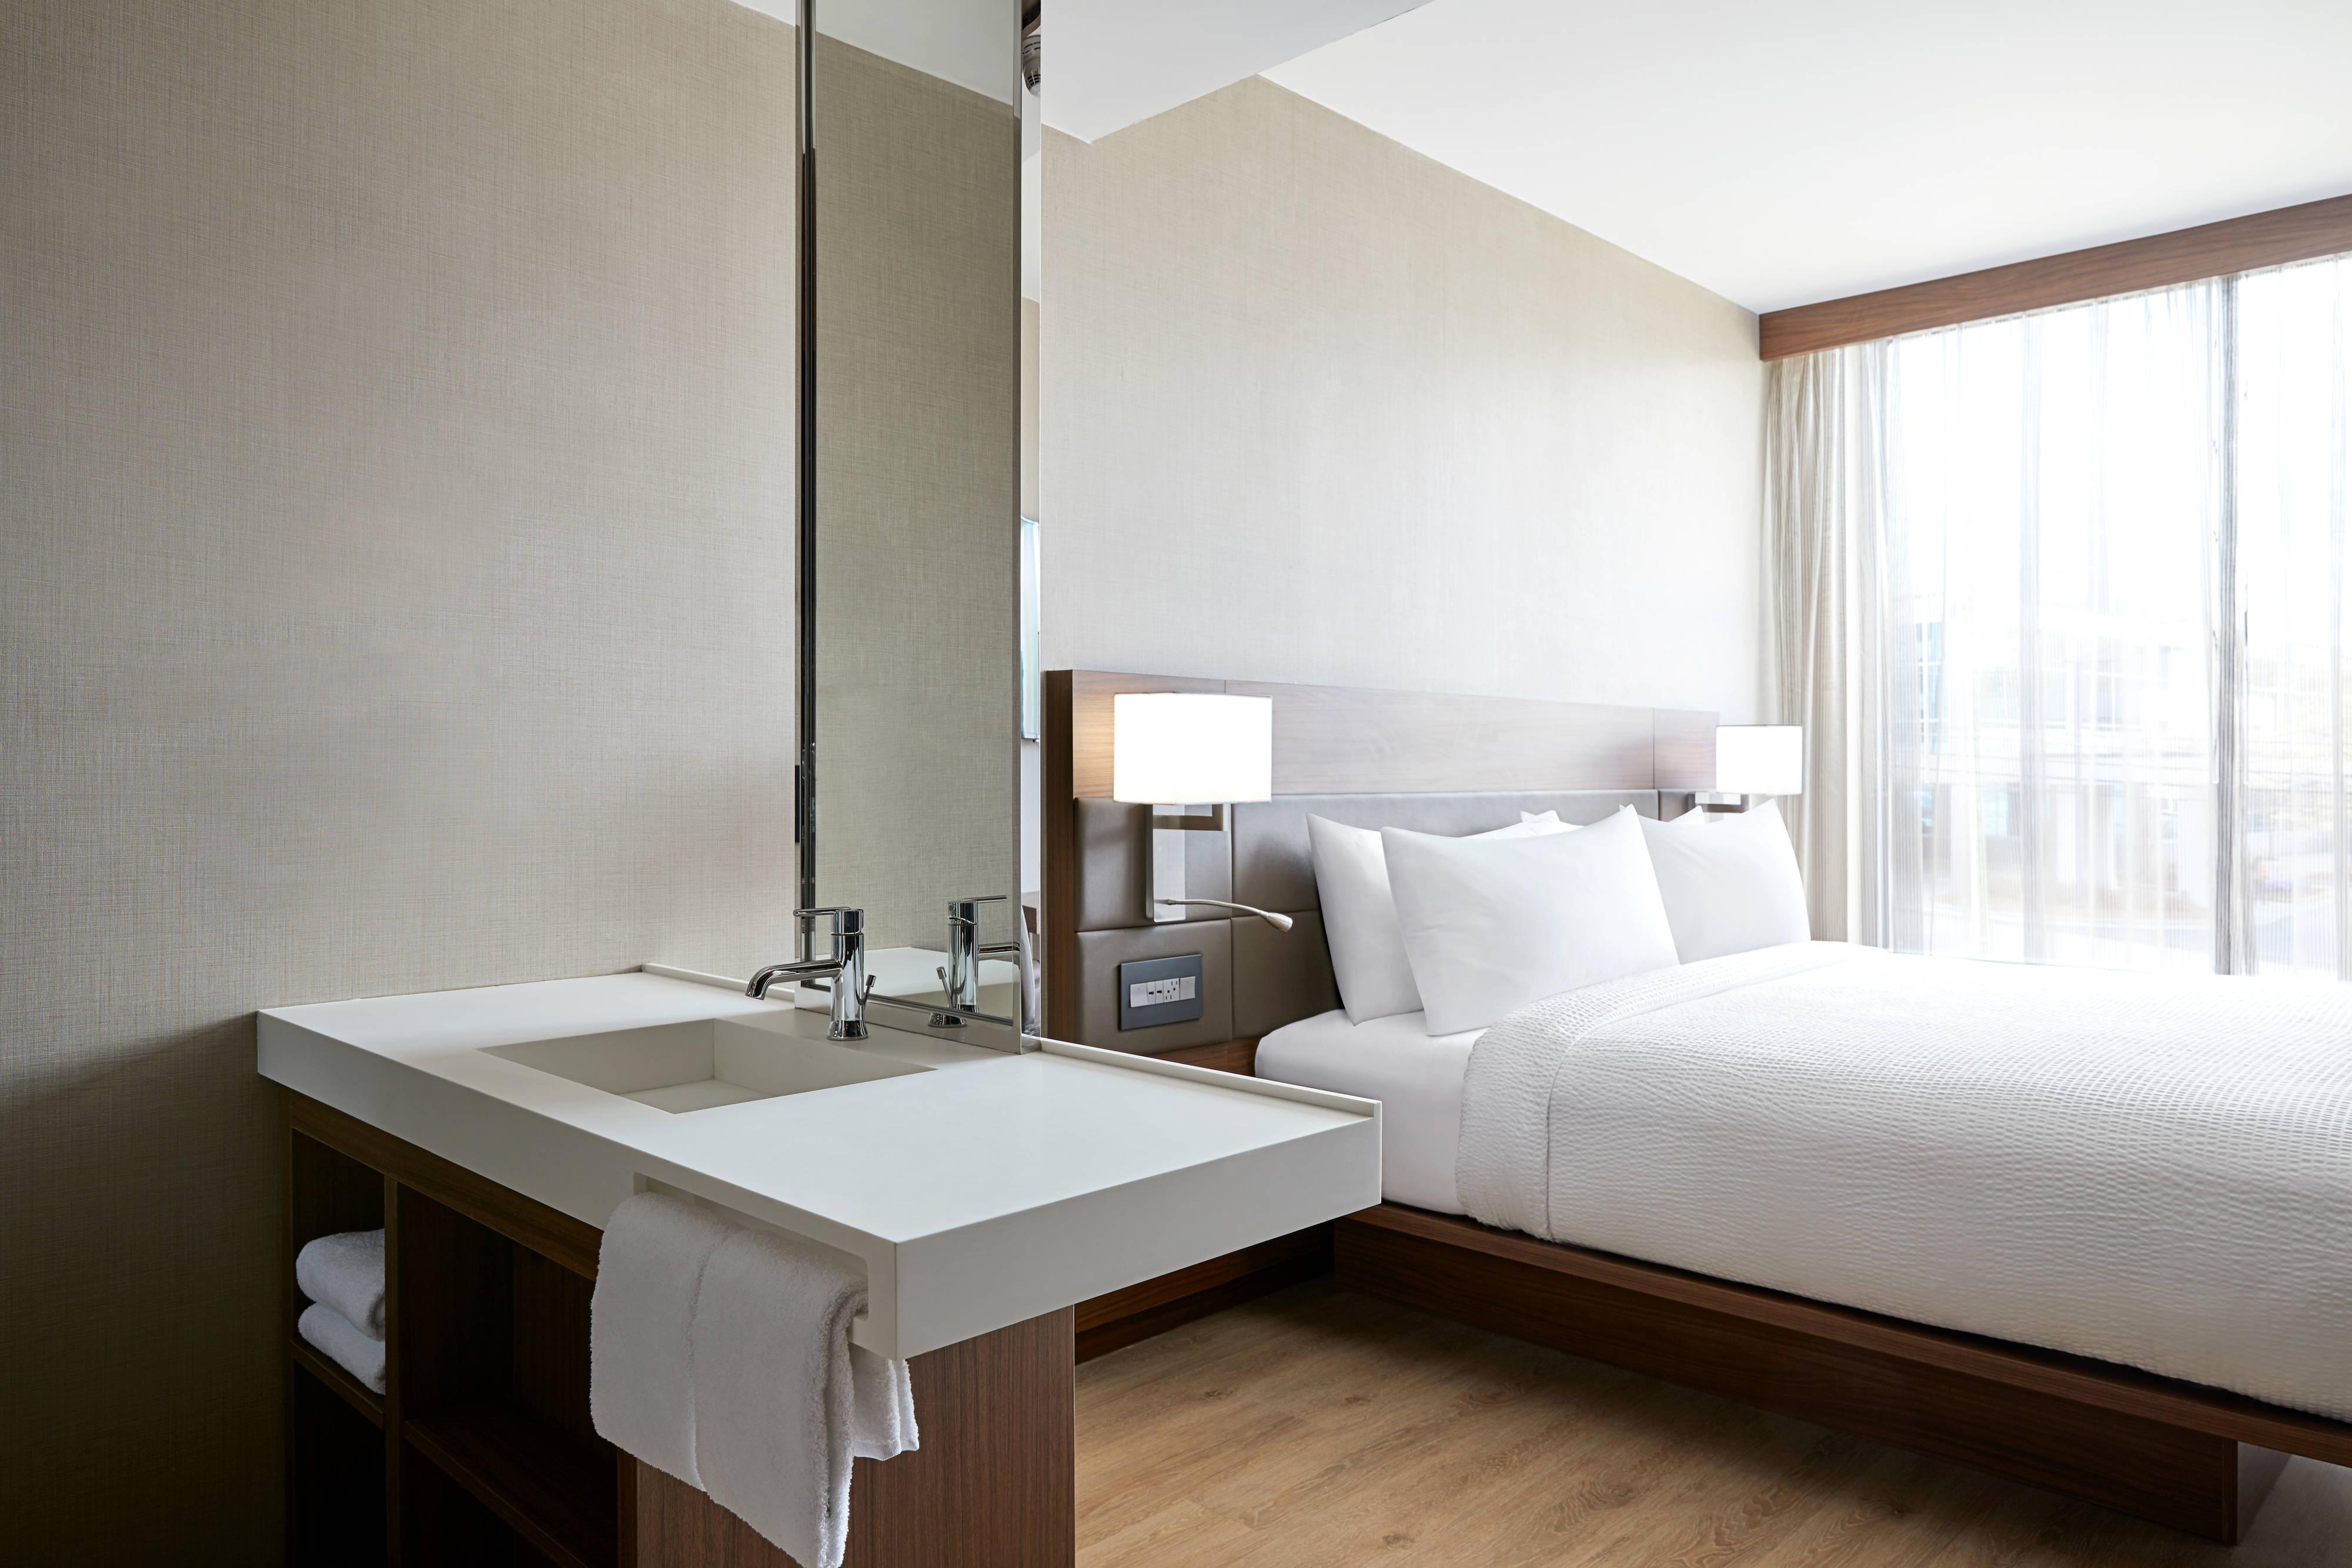 King Guest Room - Vanity